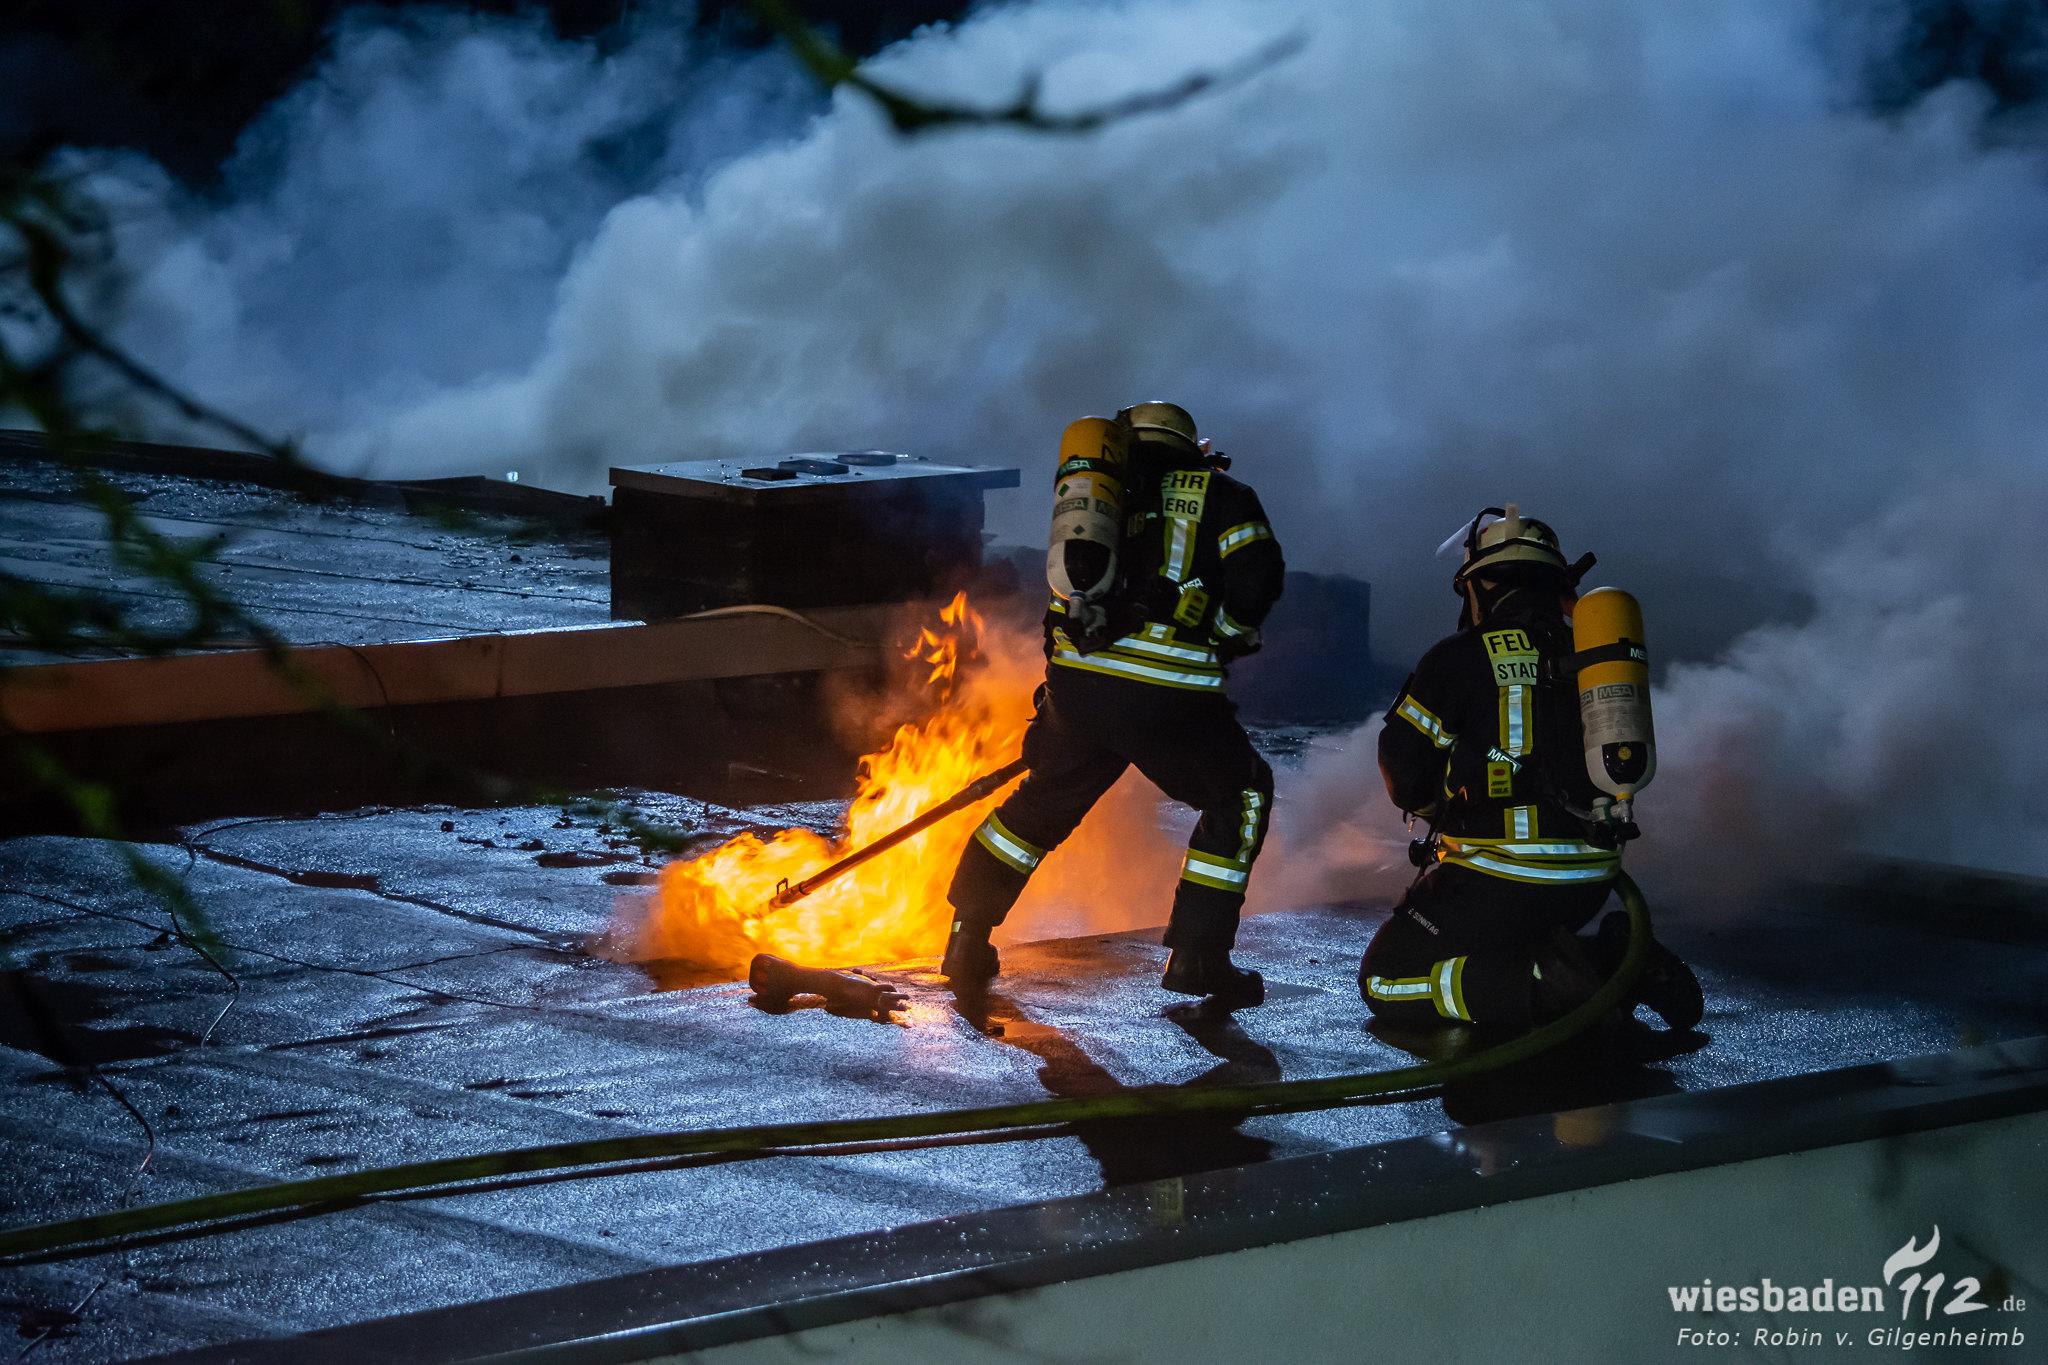 2019-21-12 Glashütten Brand (8 von 12)